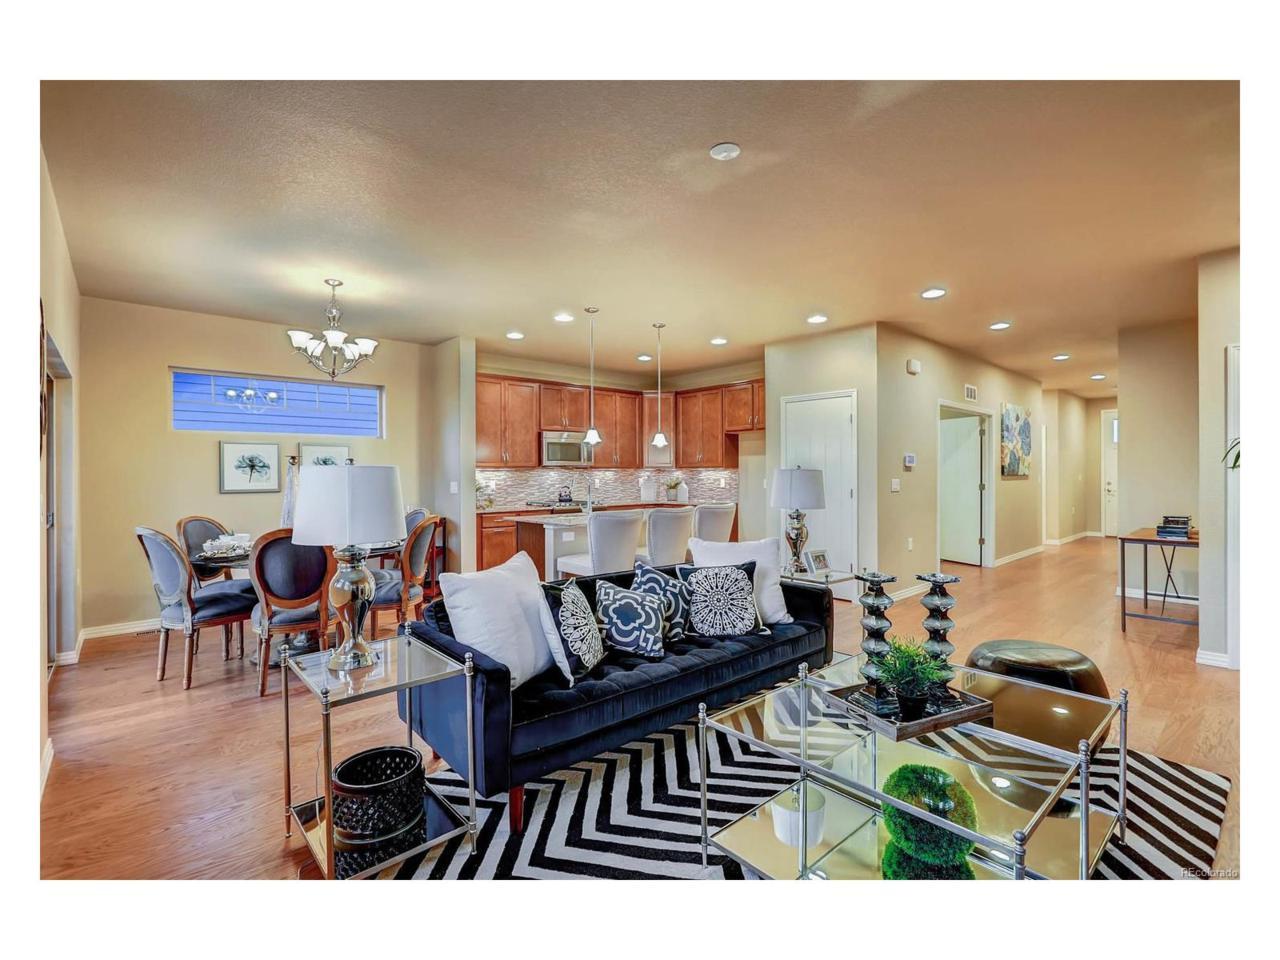 2679 Cub Lake Drive, Loveland, CO 80538 (MLS #7335316) :: 8z Real Estate